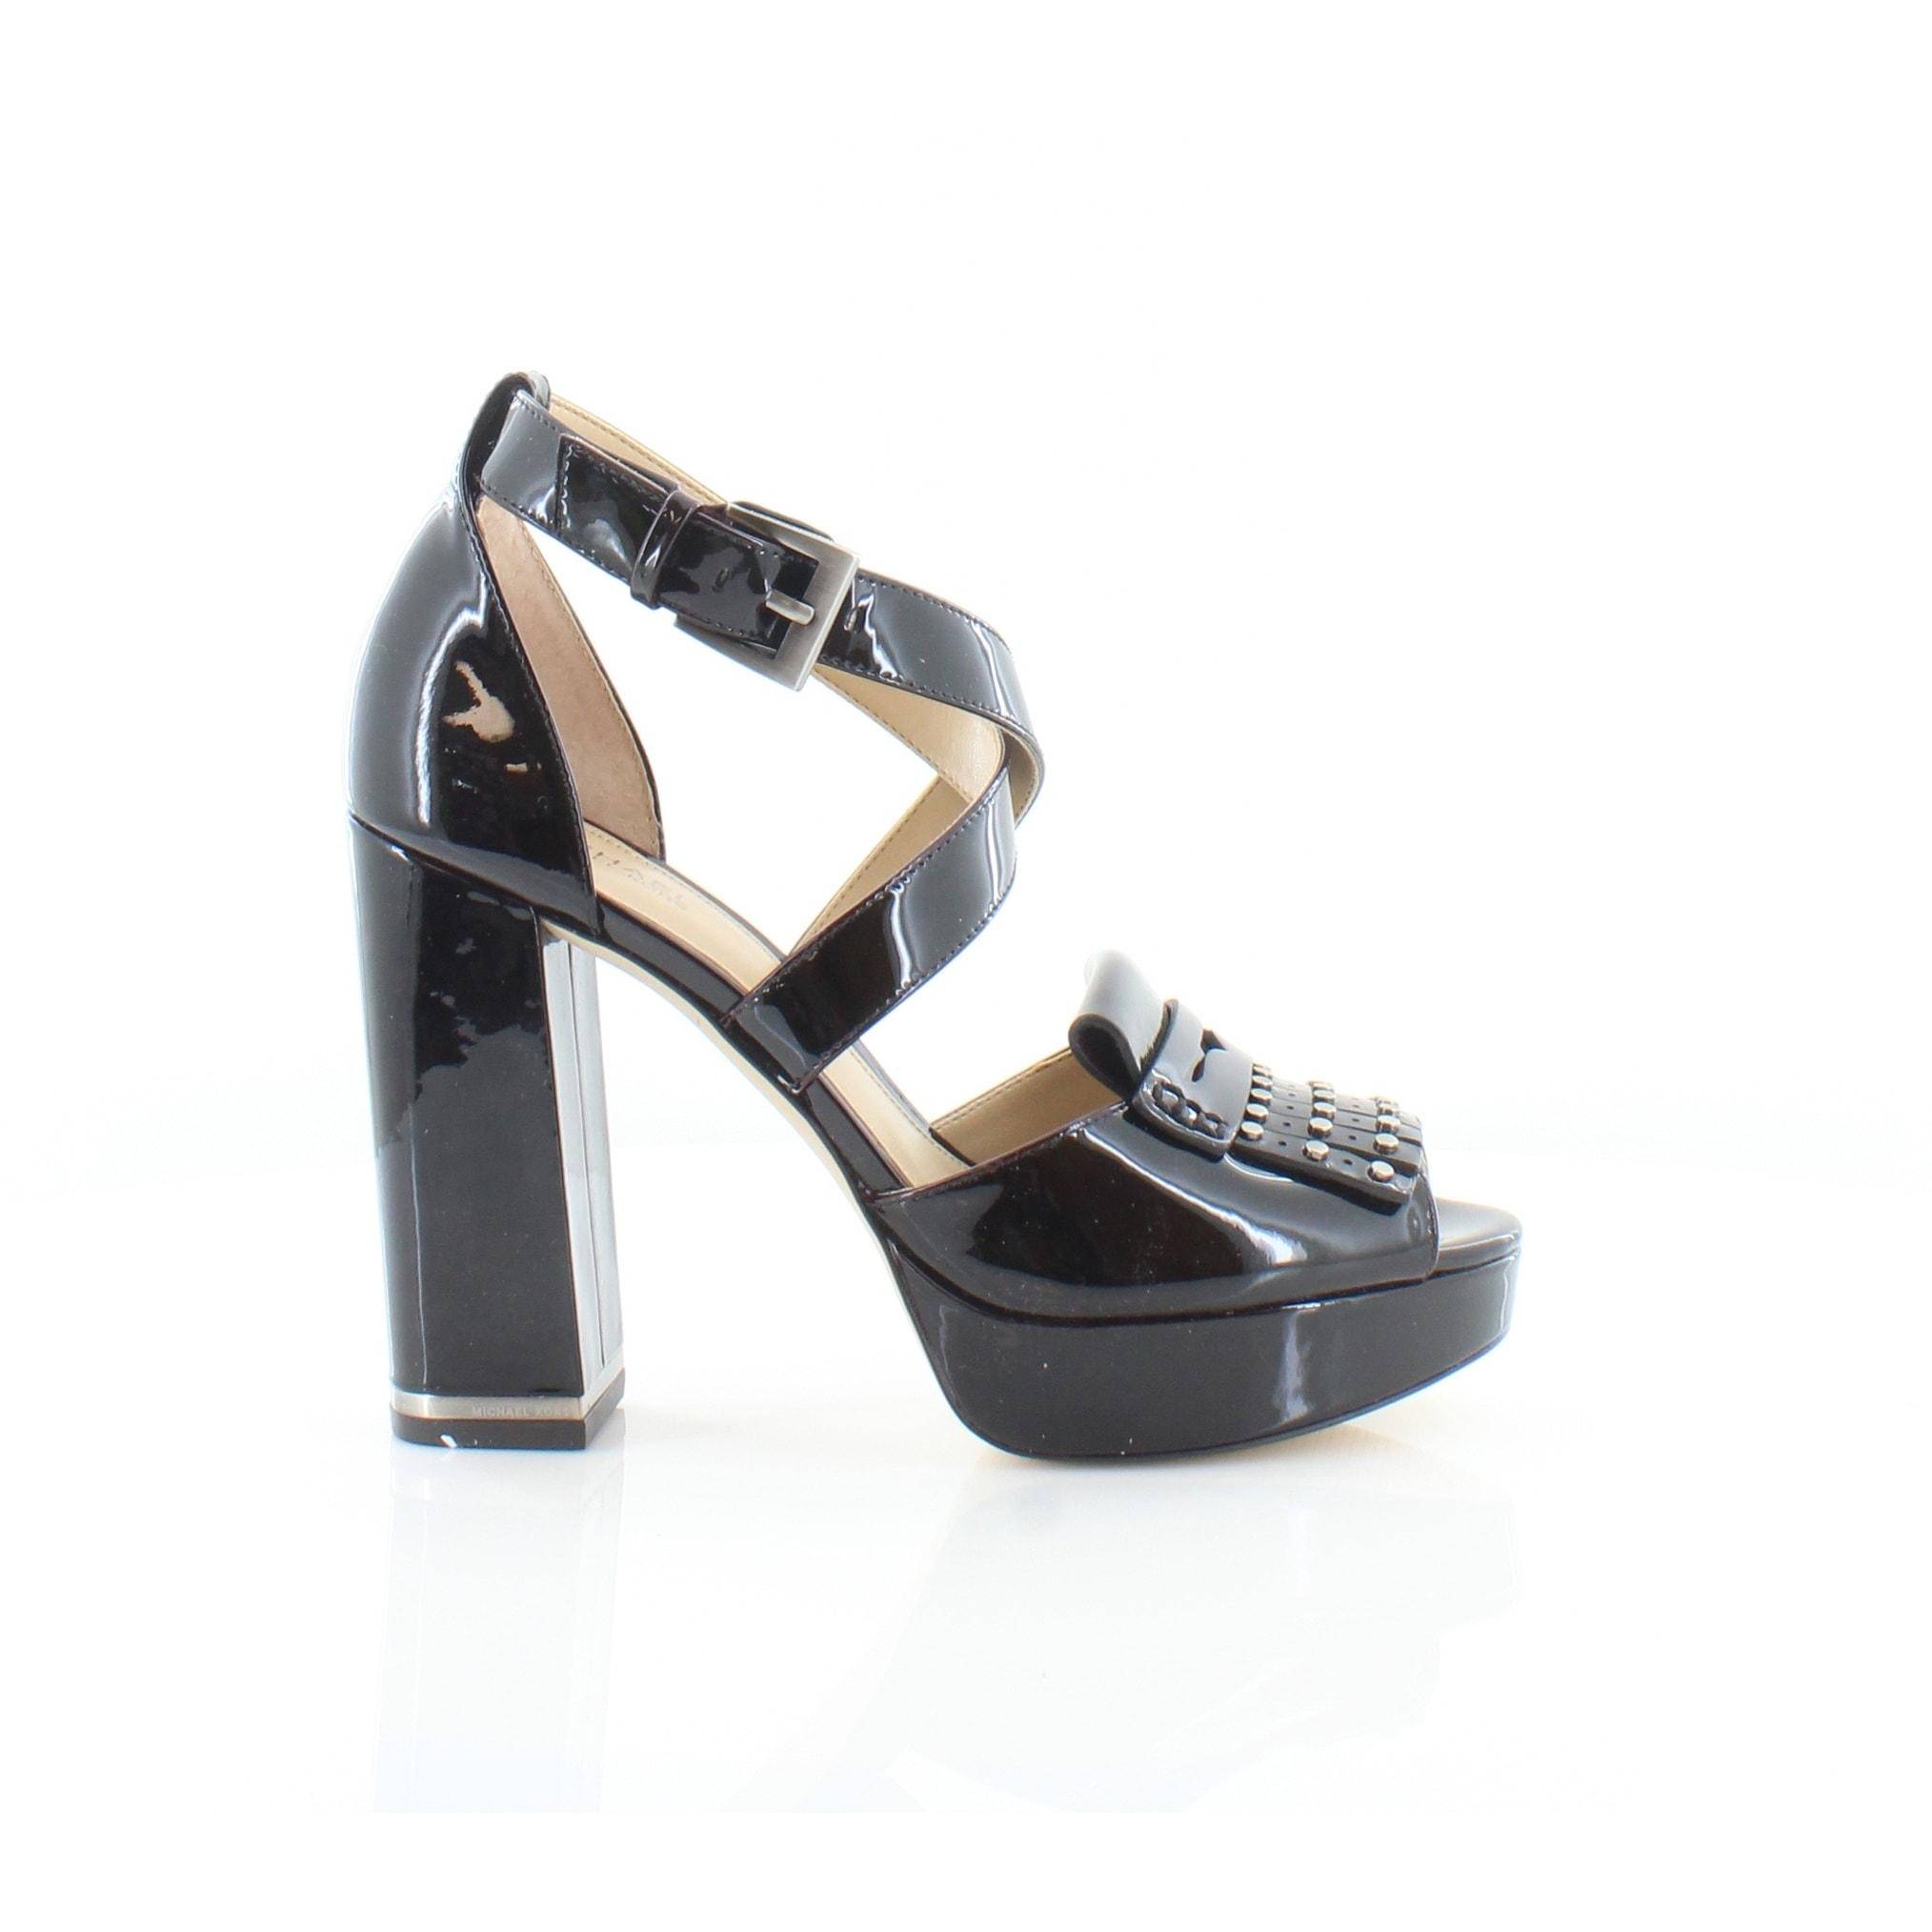 dca47306628 Shop Michael Kors Lindy Platform Pumps Women s Heels Plum - Free Shipping  Today - Overstock - 21590783